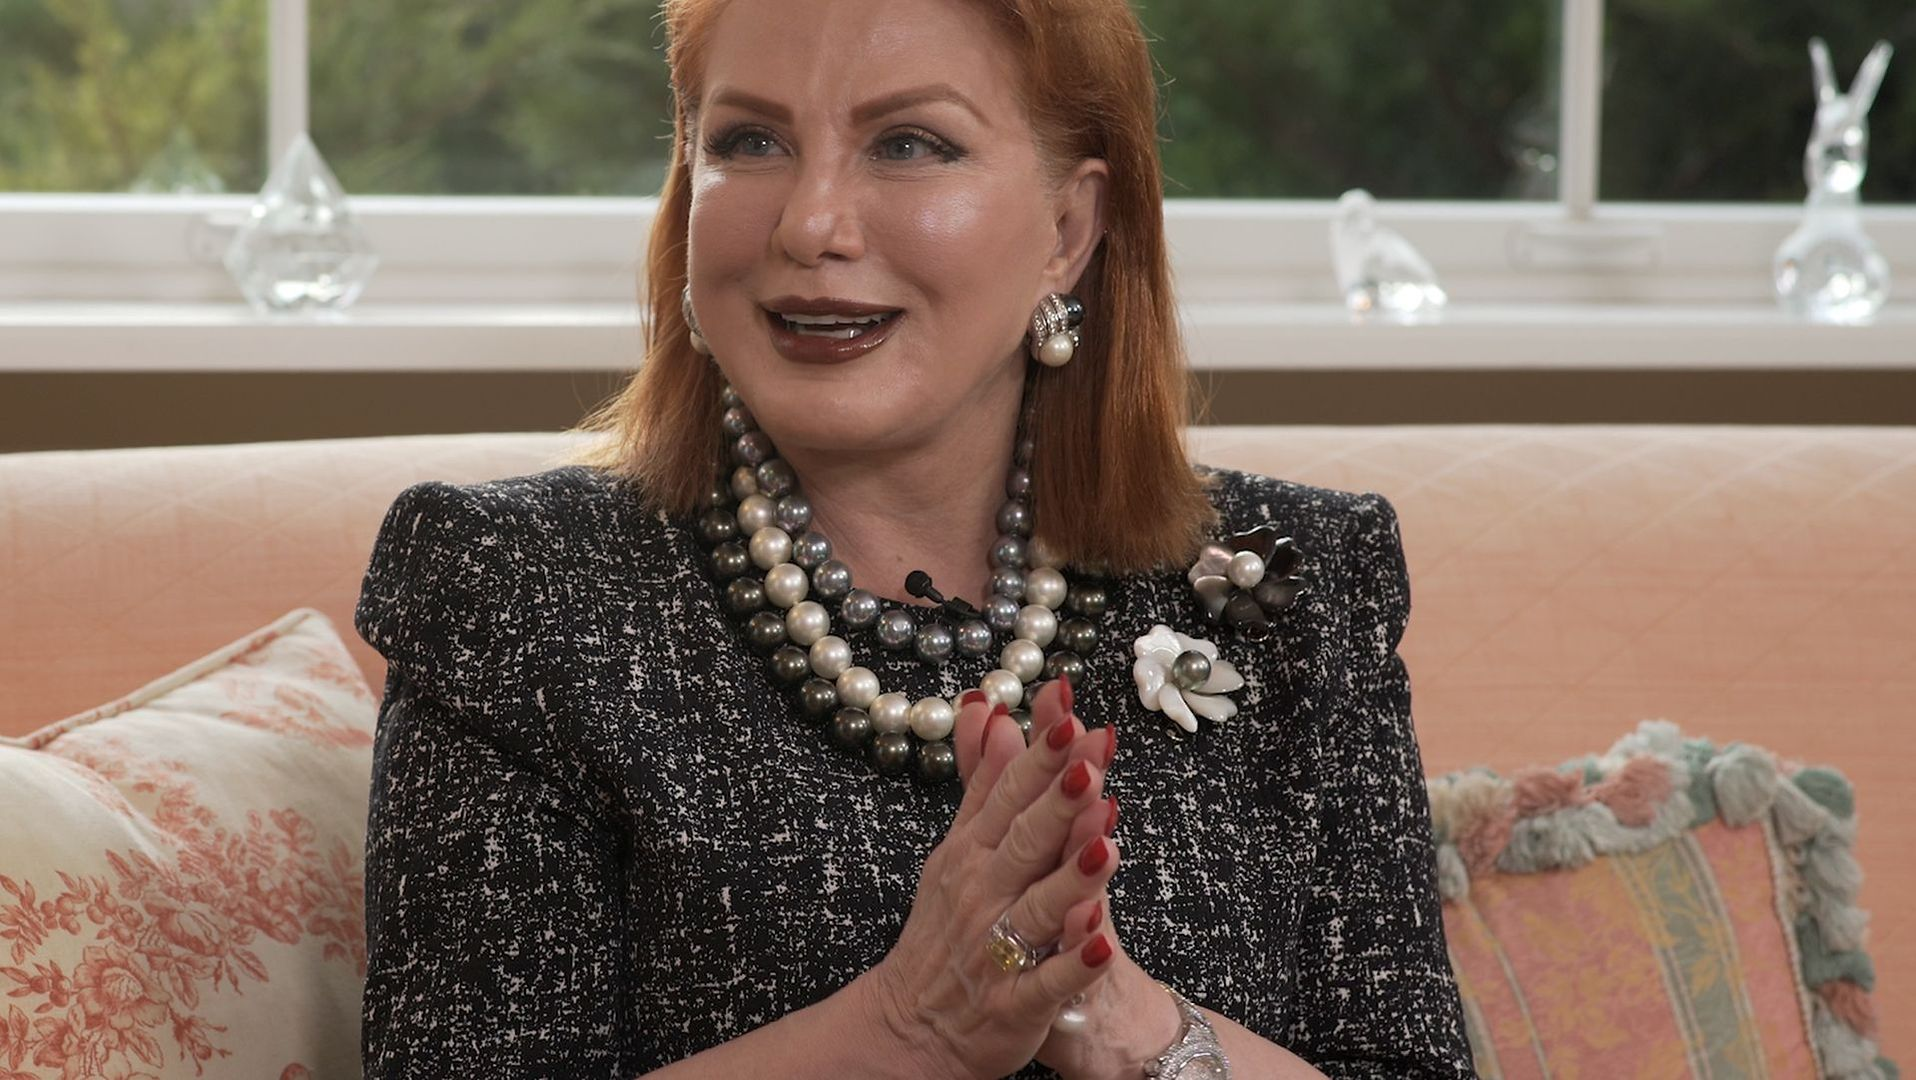 Georgette Mosbacher od 6 miesięcy sprawuje funkcję ambasadora USA w Polsce